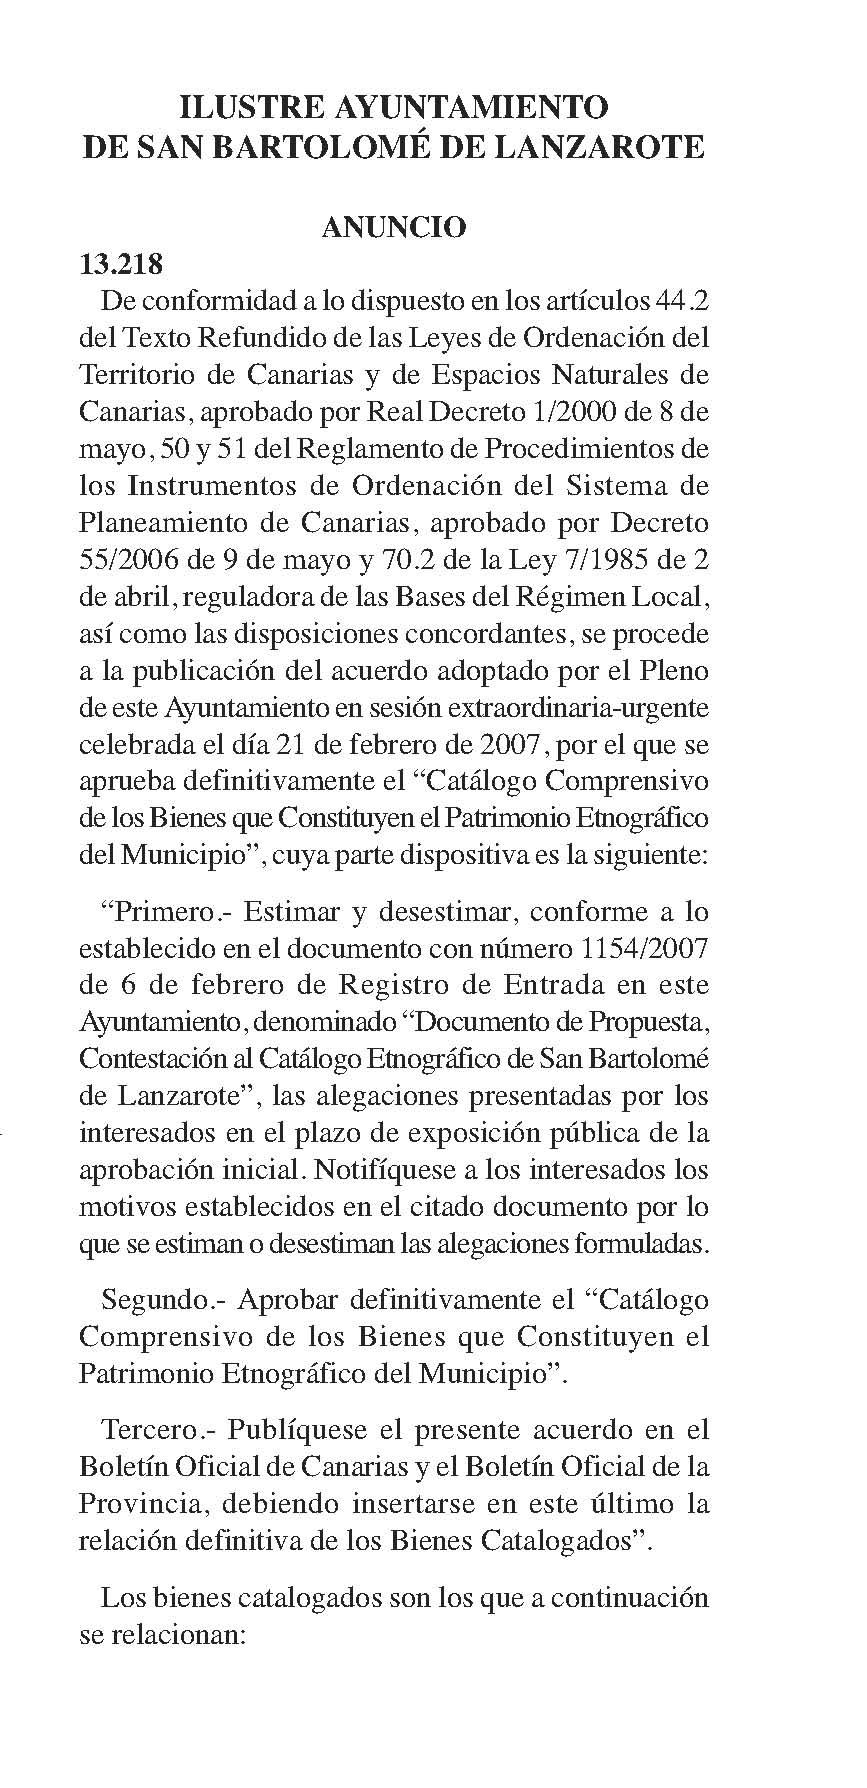 Catálogo del Patrimonio Etnográfico de San Bartolomé